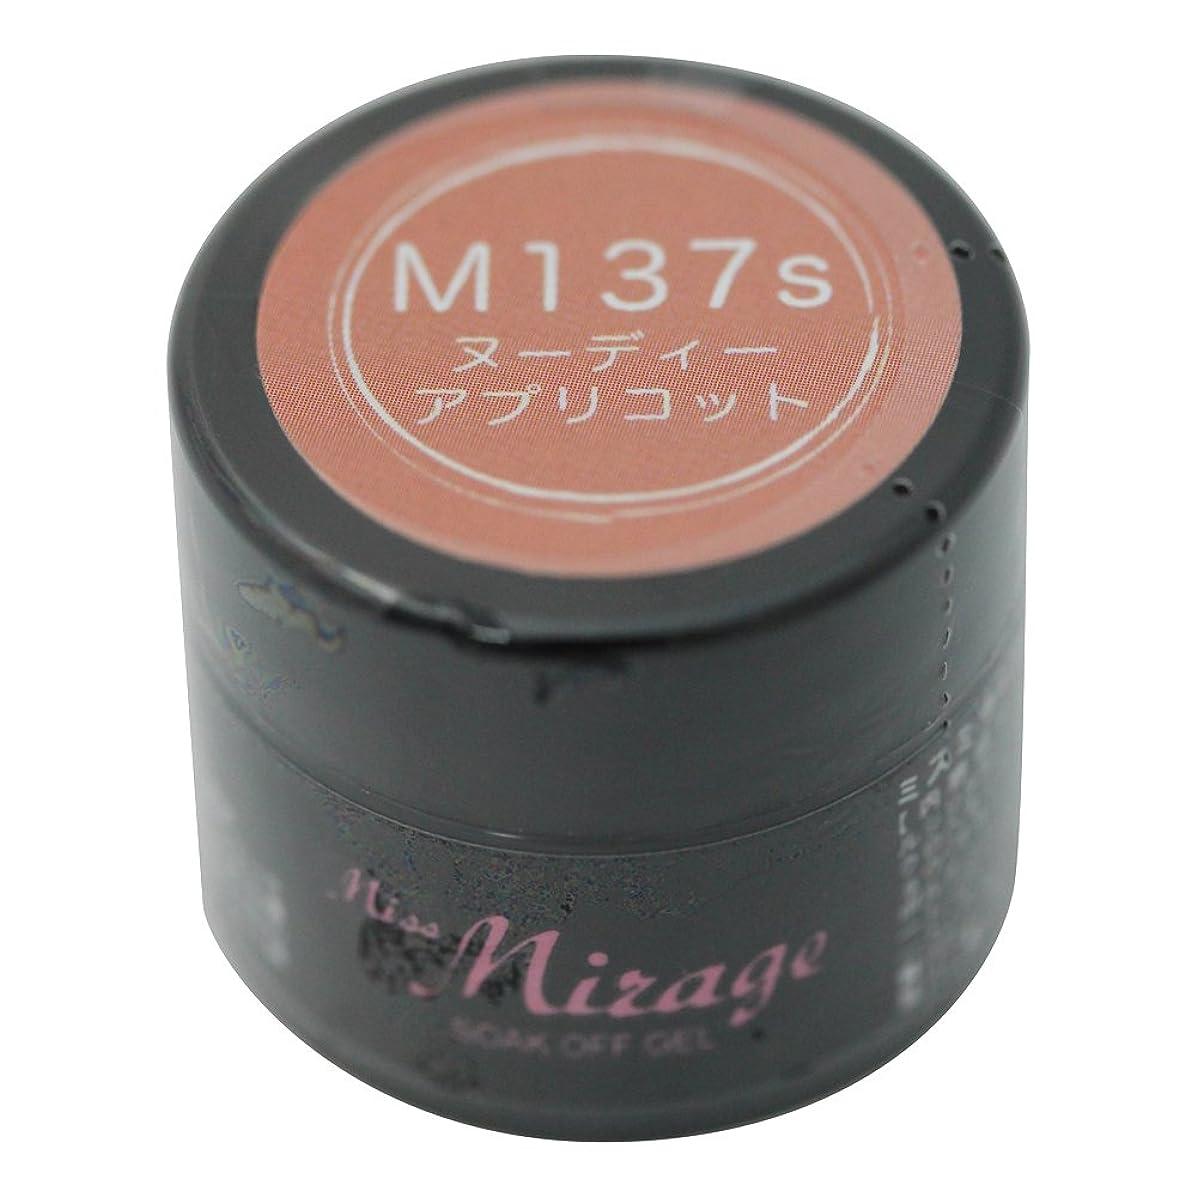 減る陽気なファイルMiss Mirage M137S ヌーディーアプリコット 2.5g UV/LED対応タイオウ